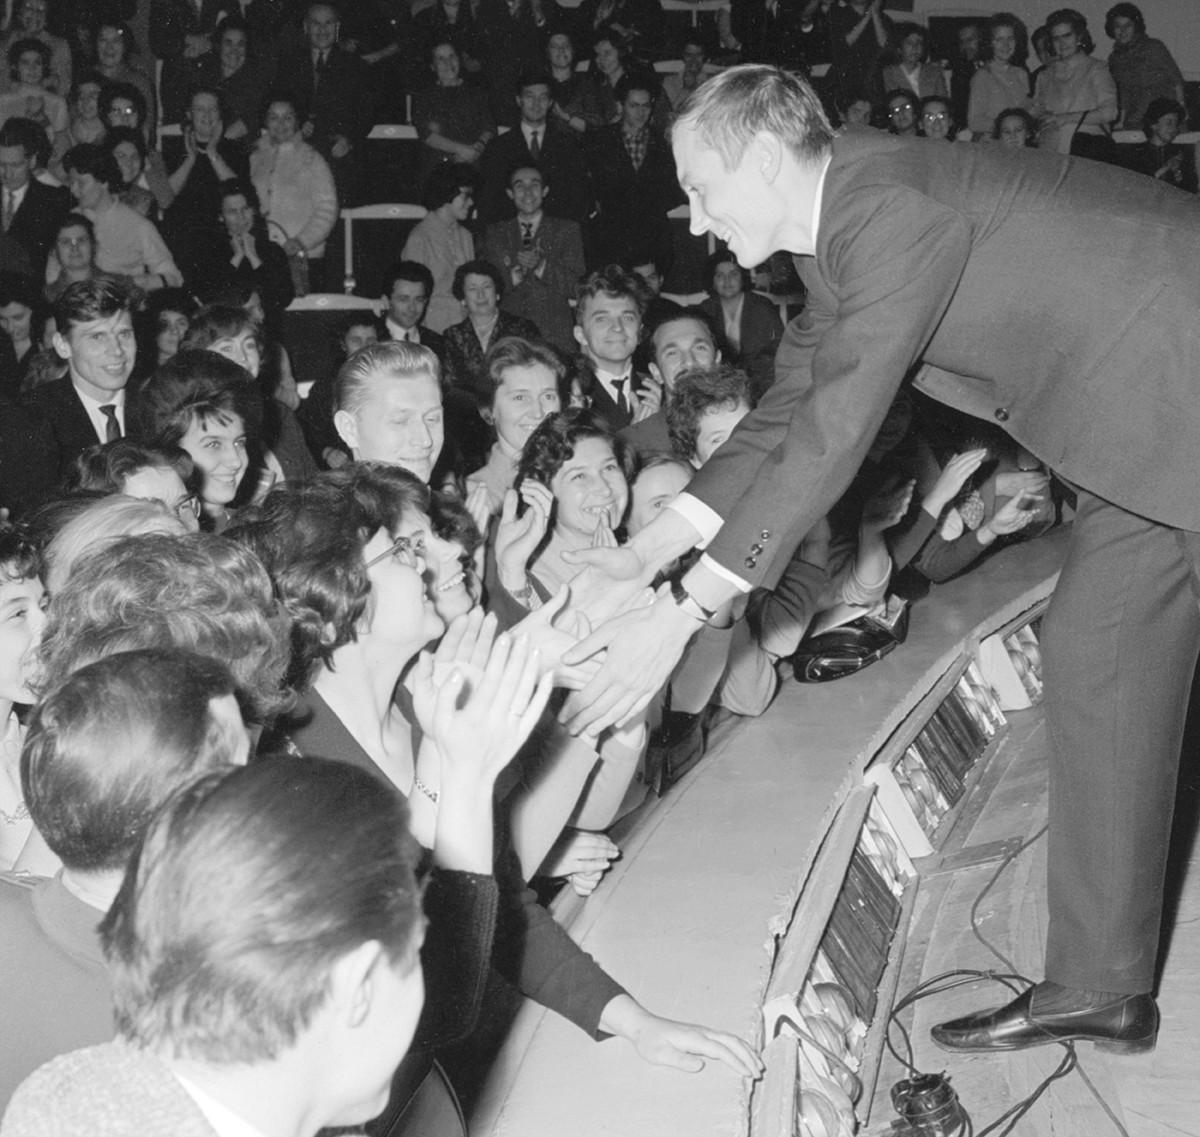 Konec petdesetih in šestdesetih let je bila poezija med sovjetsko mladino izjemno priljubljena.